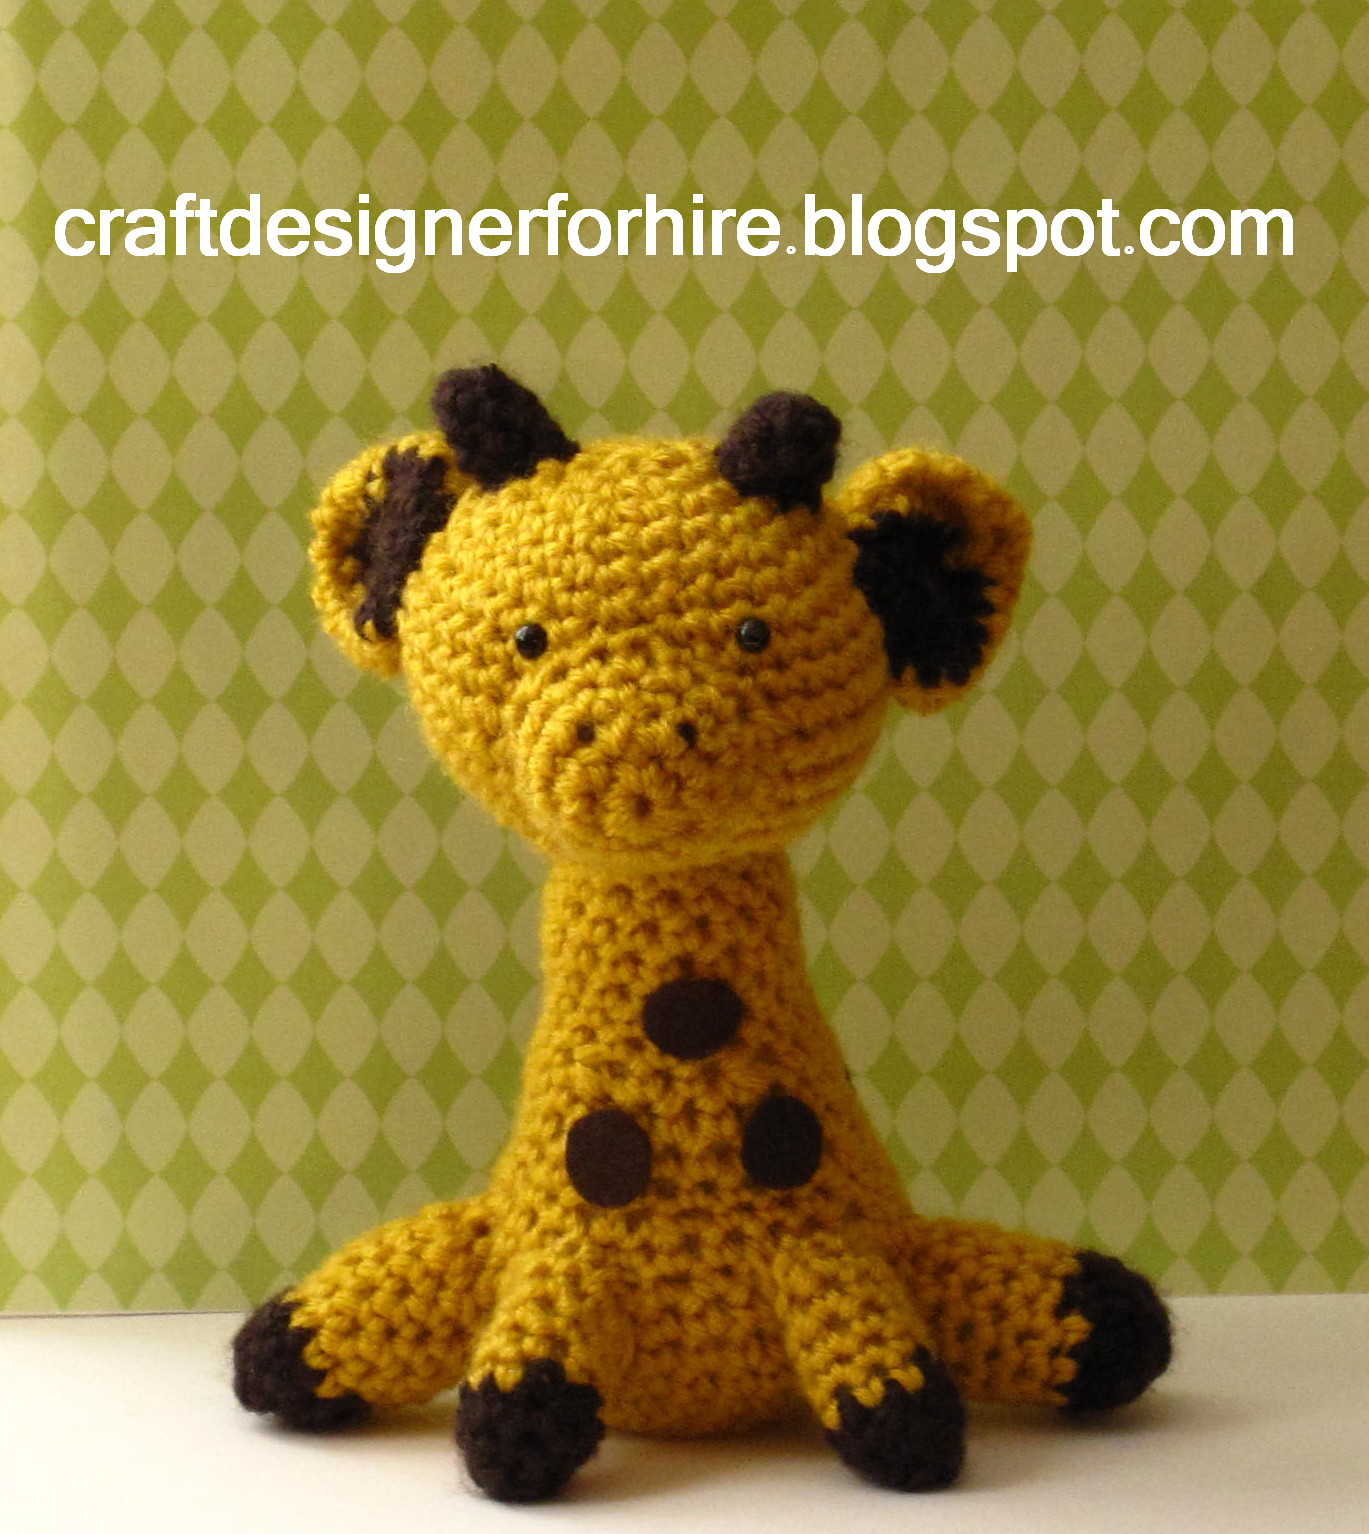 Hearty Giraffe amigurumi pattern Amigurumi Today - satukis.info